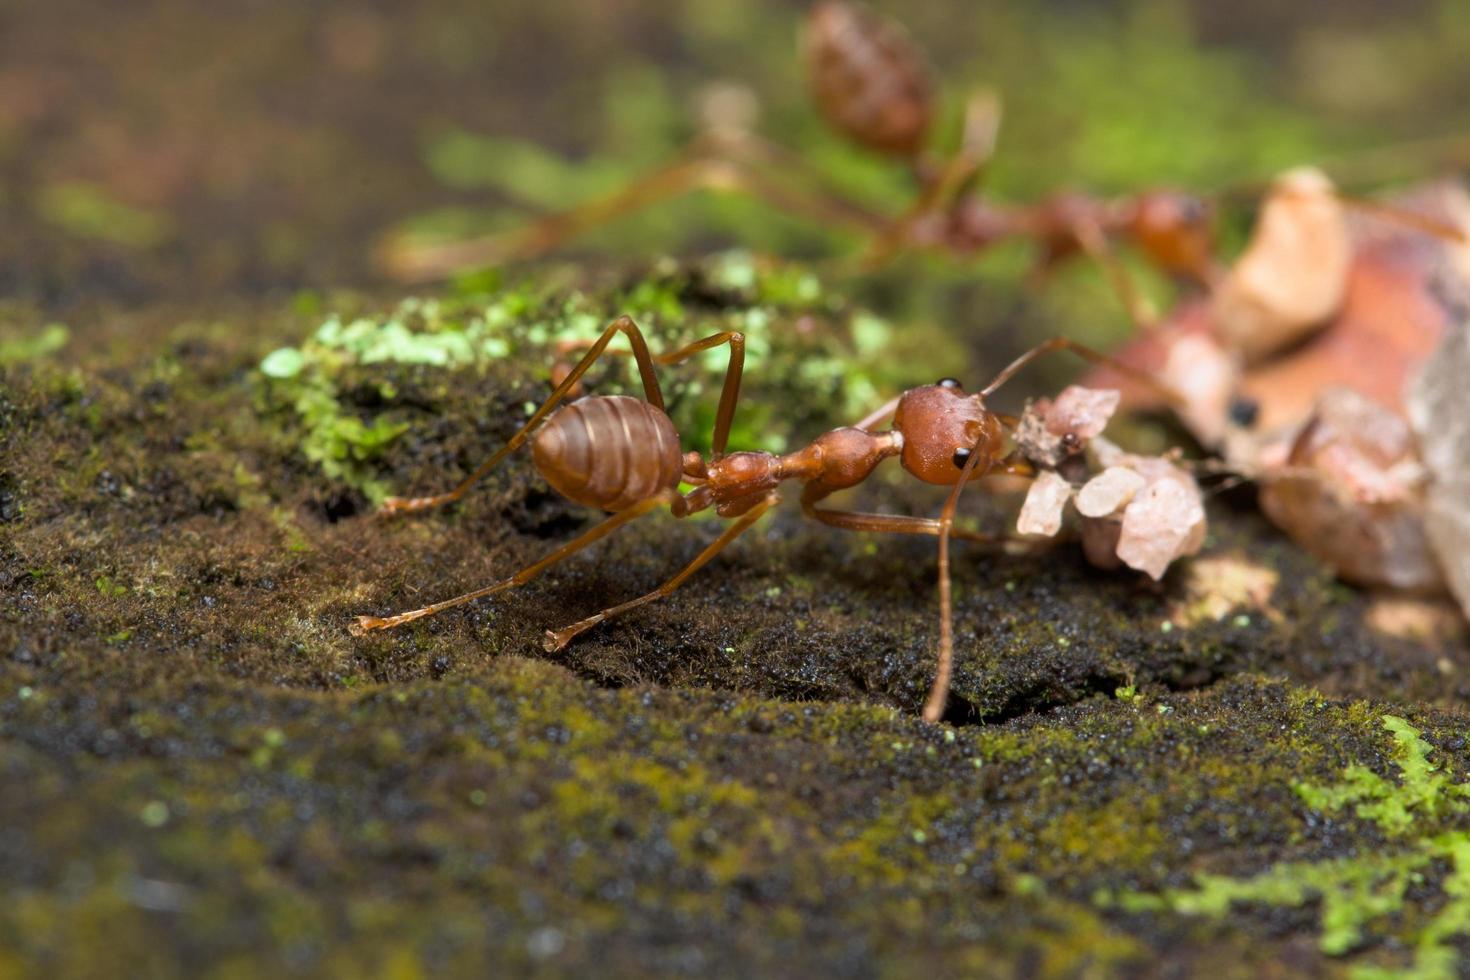 rode mieren in de natuur foto